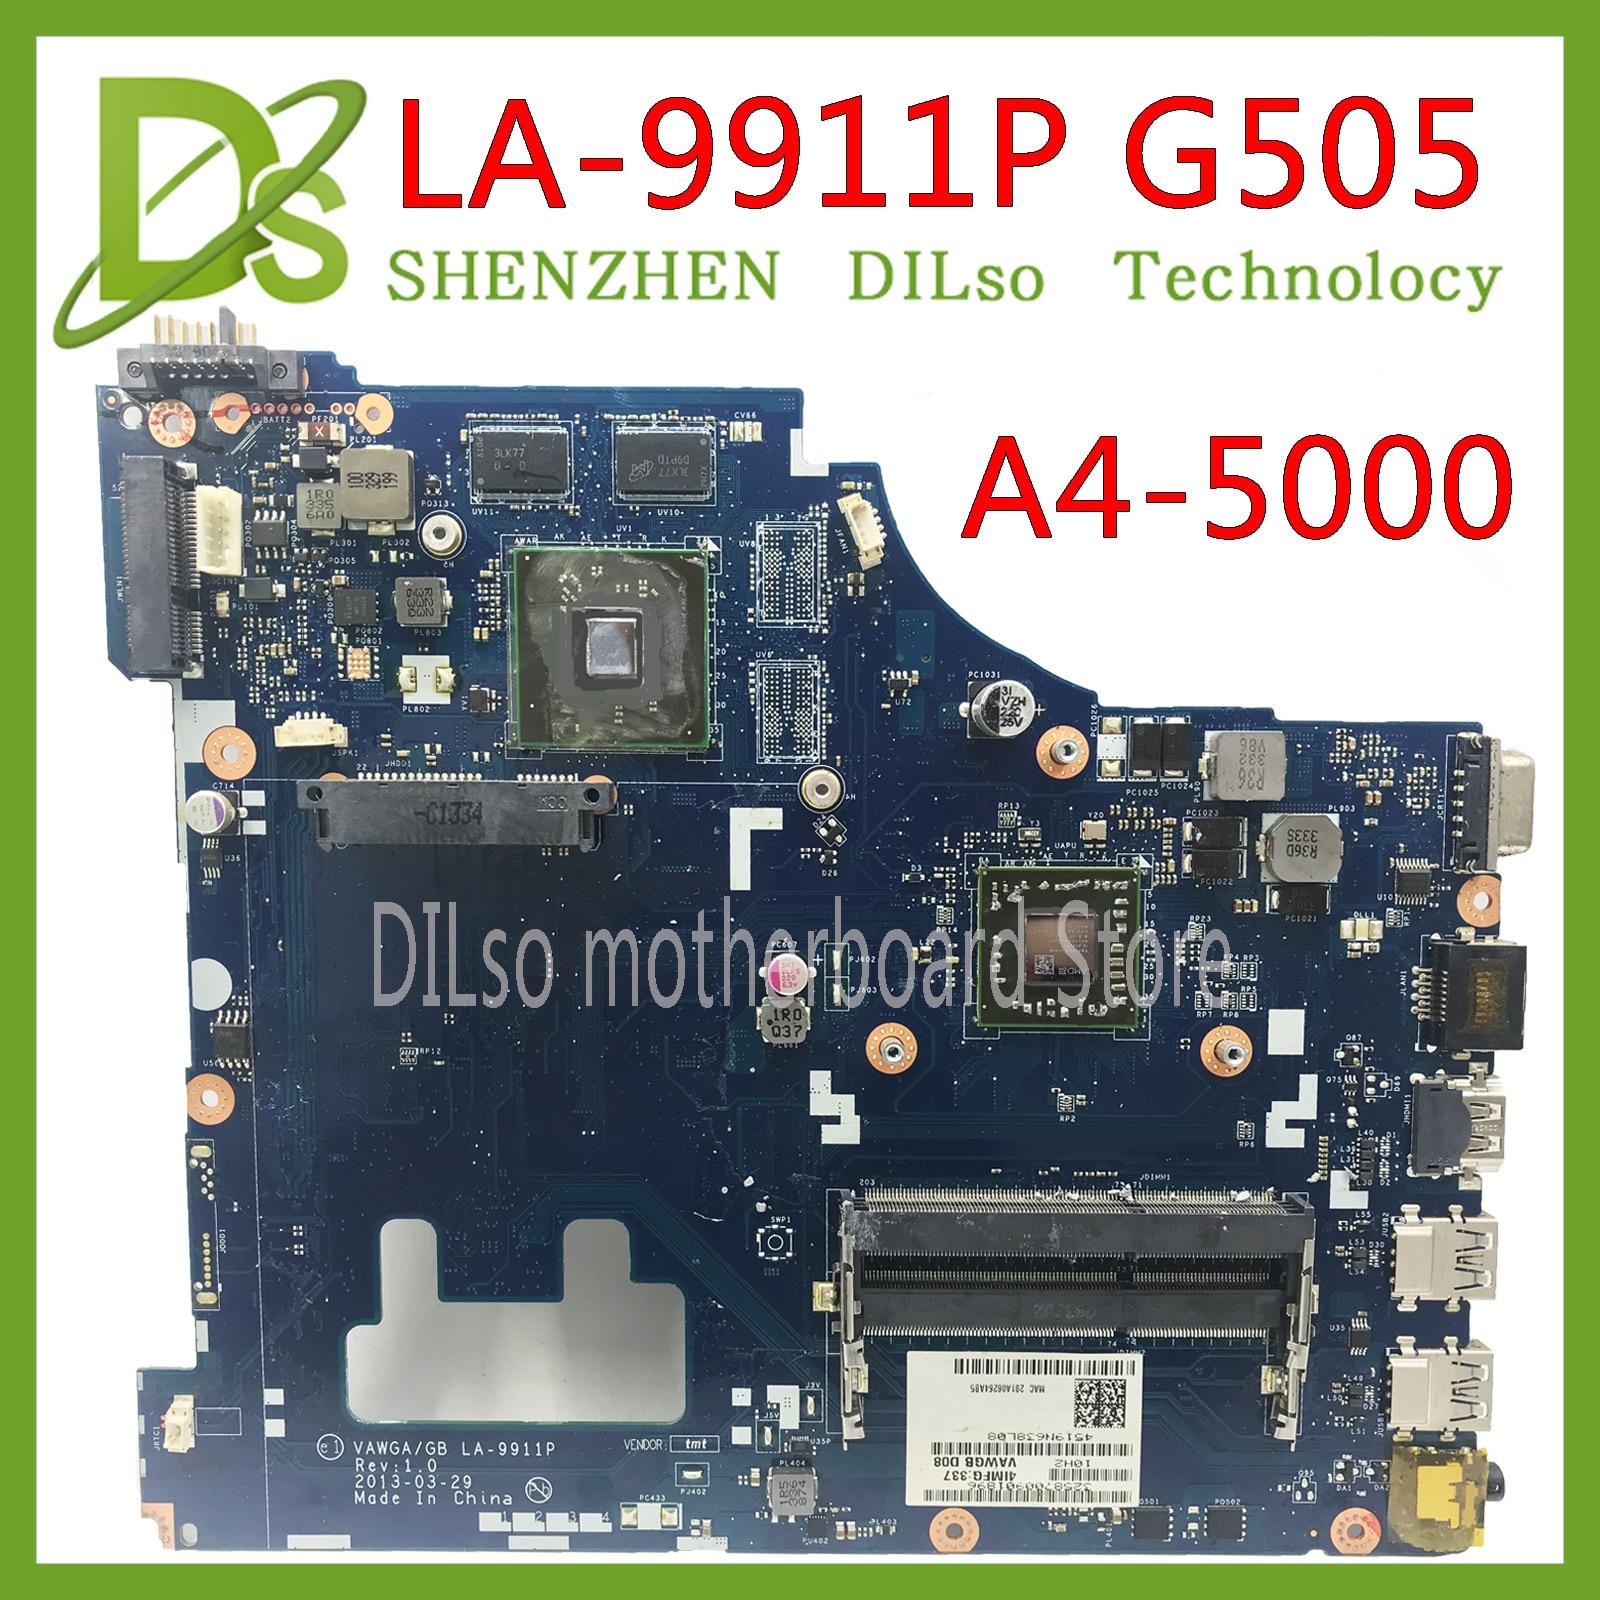 KEFU G505 VAWGA/GB LA-9911P scheda madre per lenovo g505 scheda madre la-9911p scheda madre con A4 CPU Test